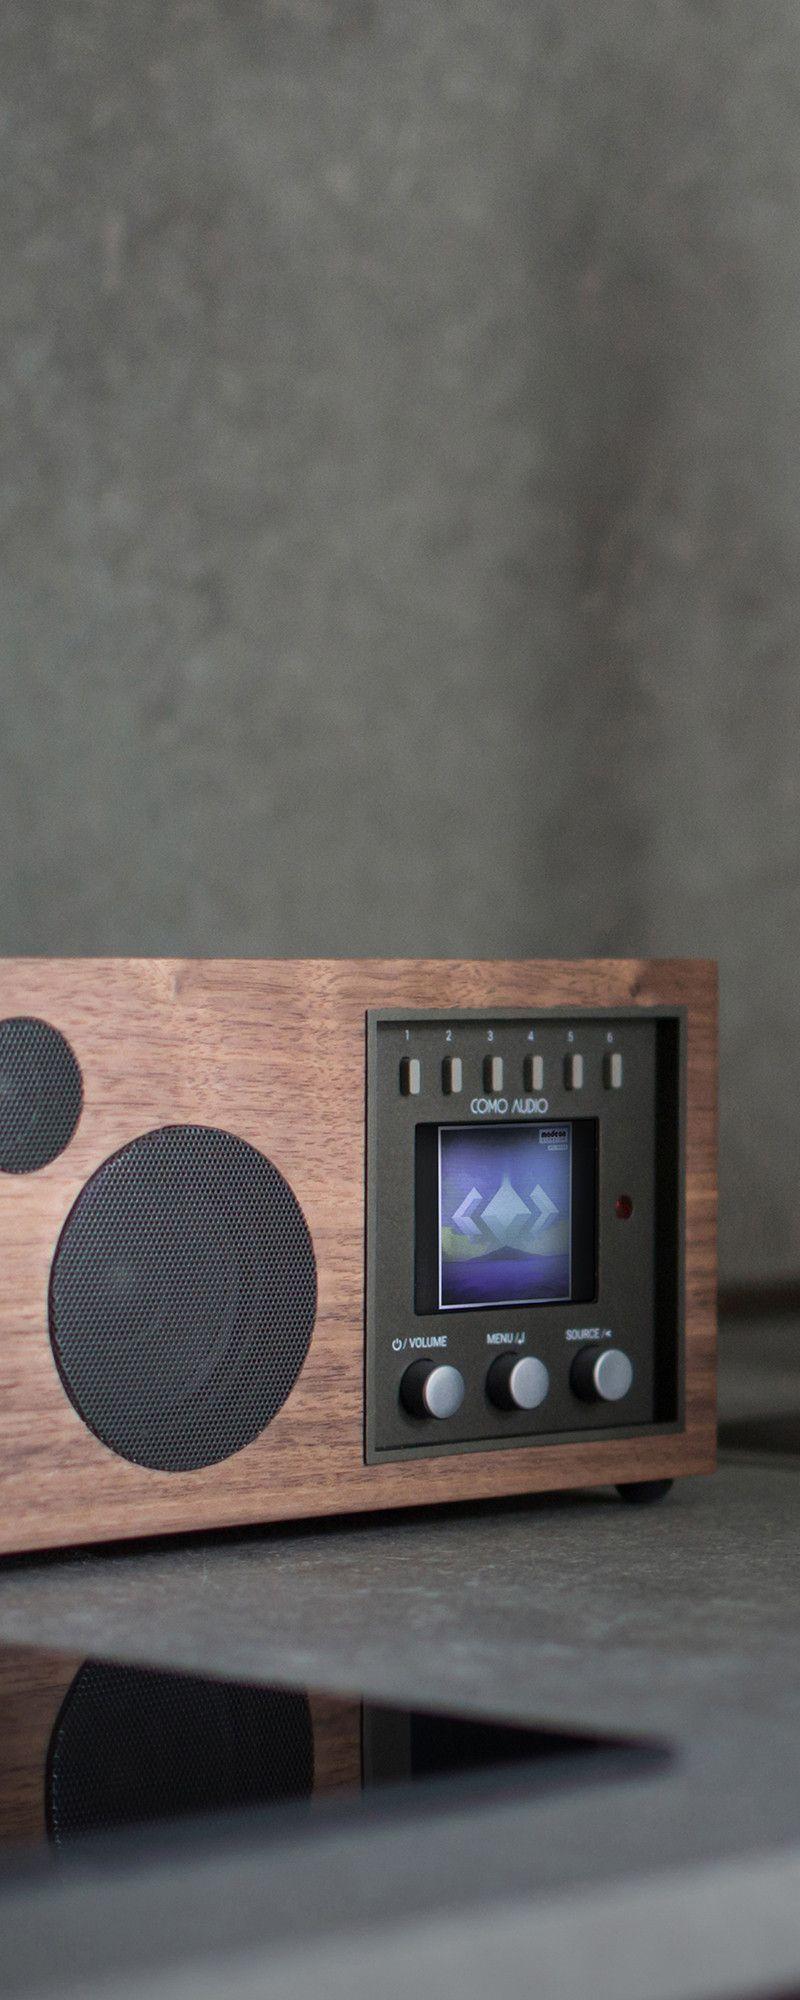 Groovy Como Audio Hifi Speakers Grommet Ideas Digital Radio Interior Design Ideas Clesiryabchikinfo